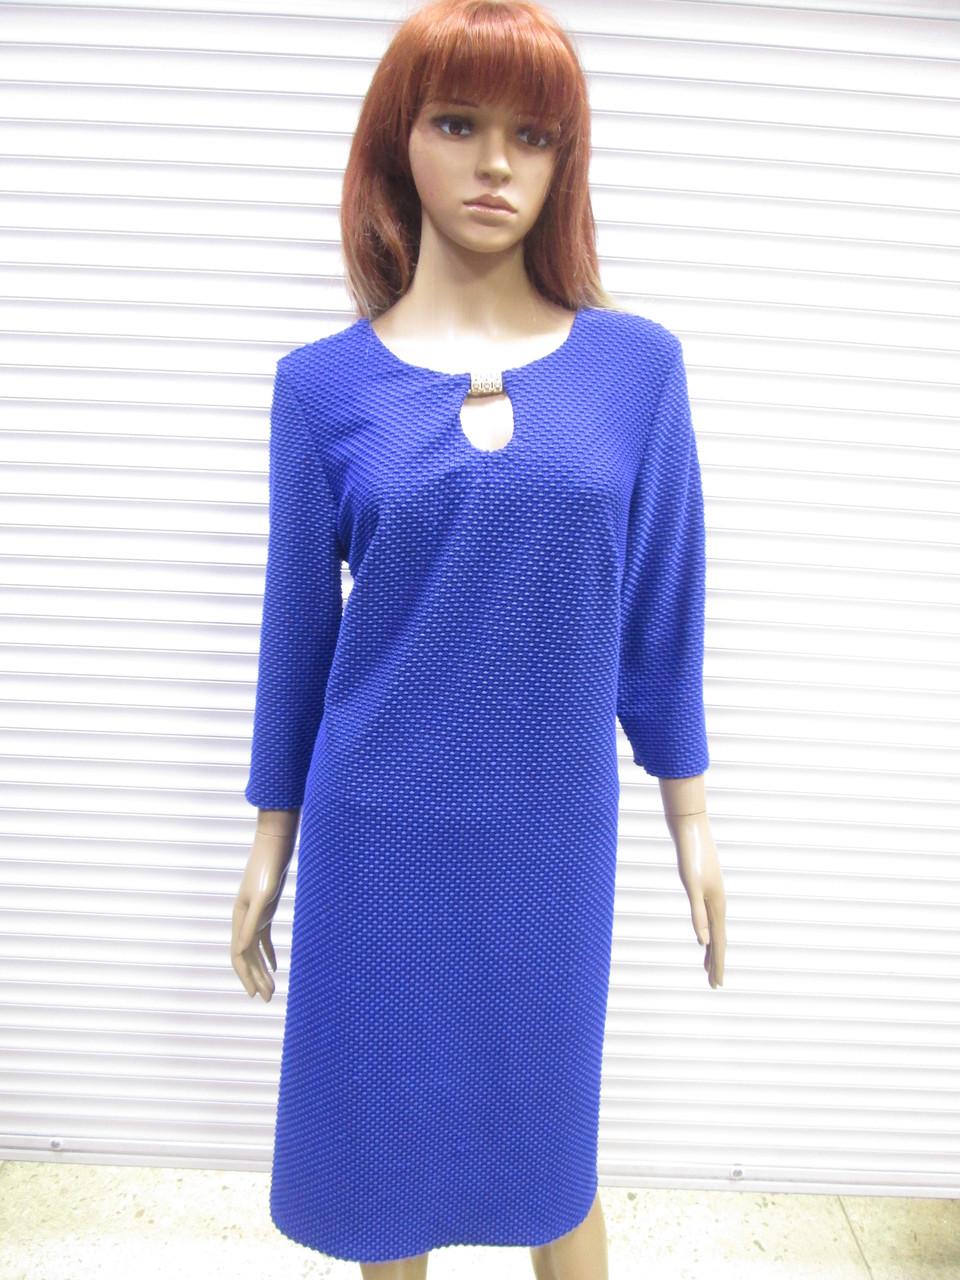 e6c9187e2b2 Женское Платье FR Collection с Брошью Р 46 (наш Размер 52) — в ...